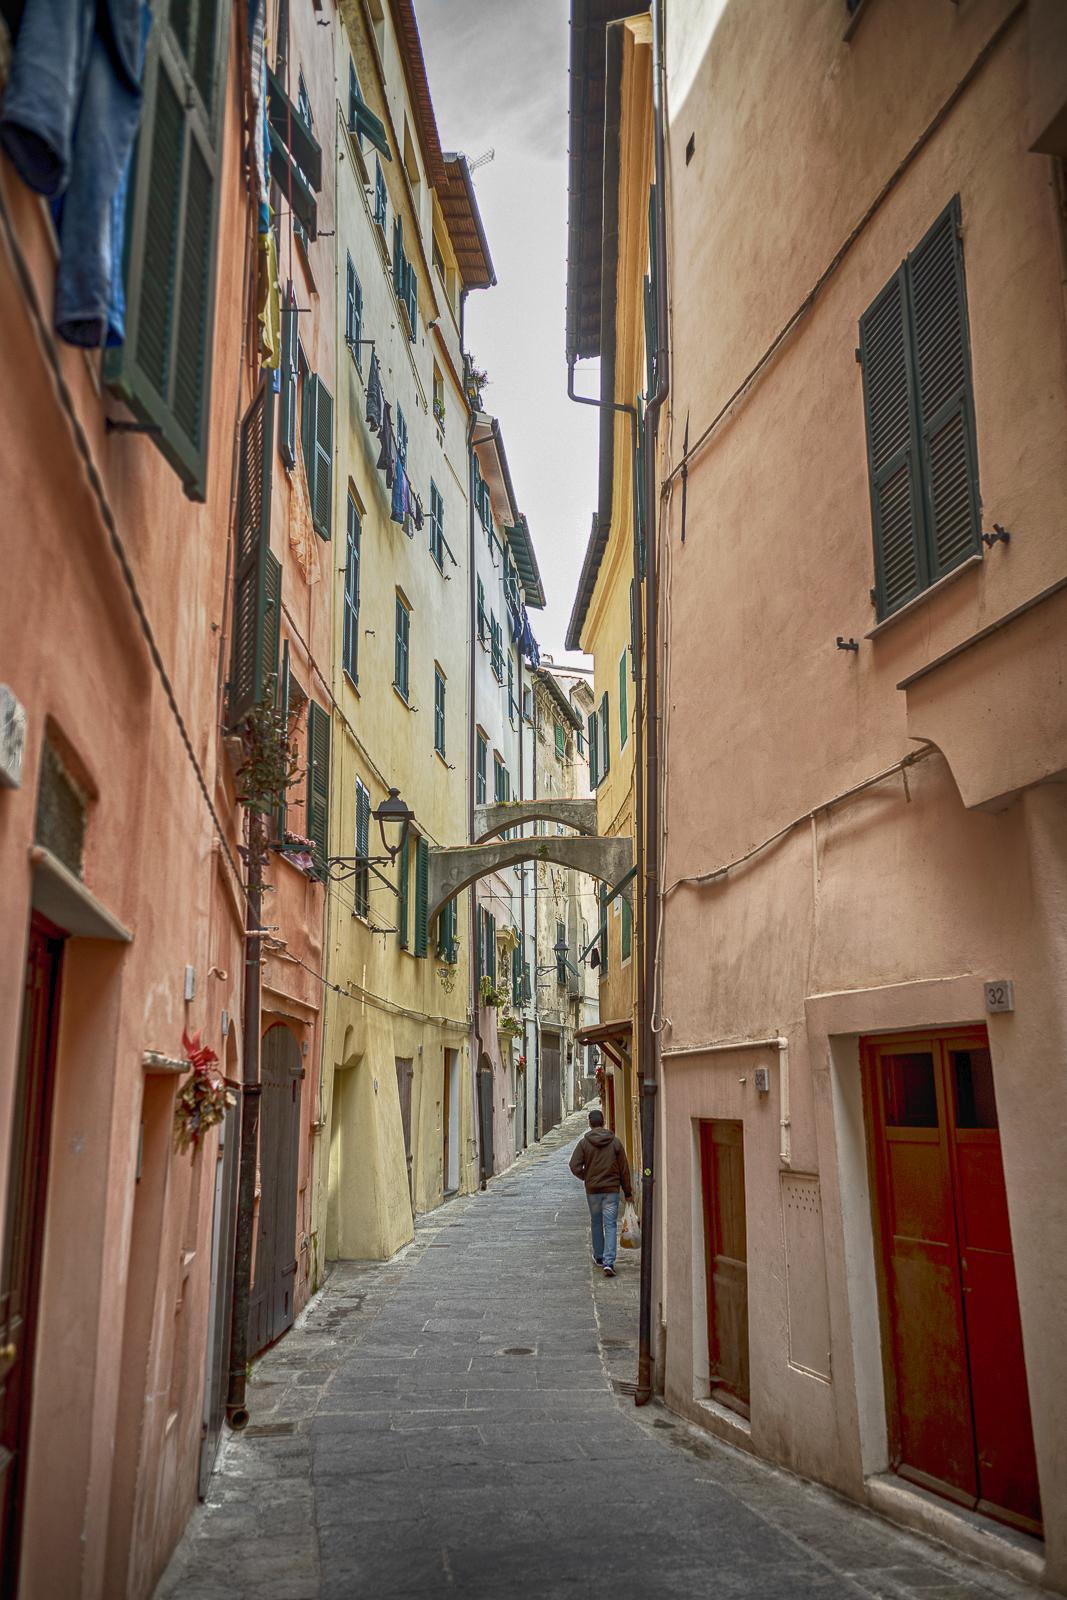 Le facciate restaurate di Ventimiglia Altajpg